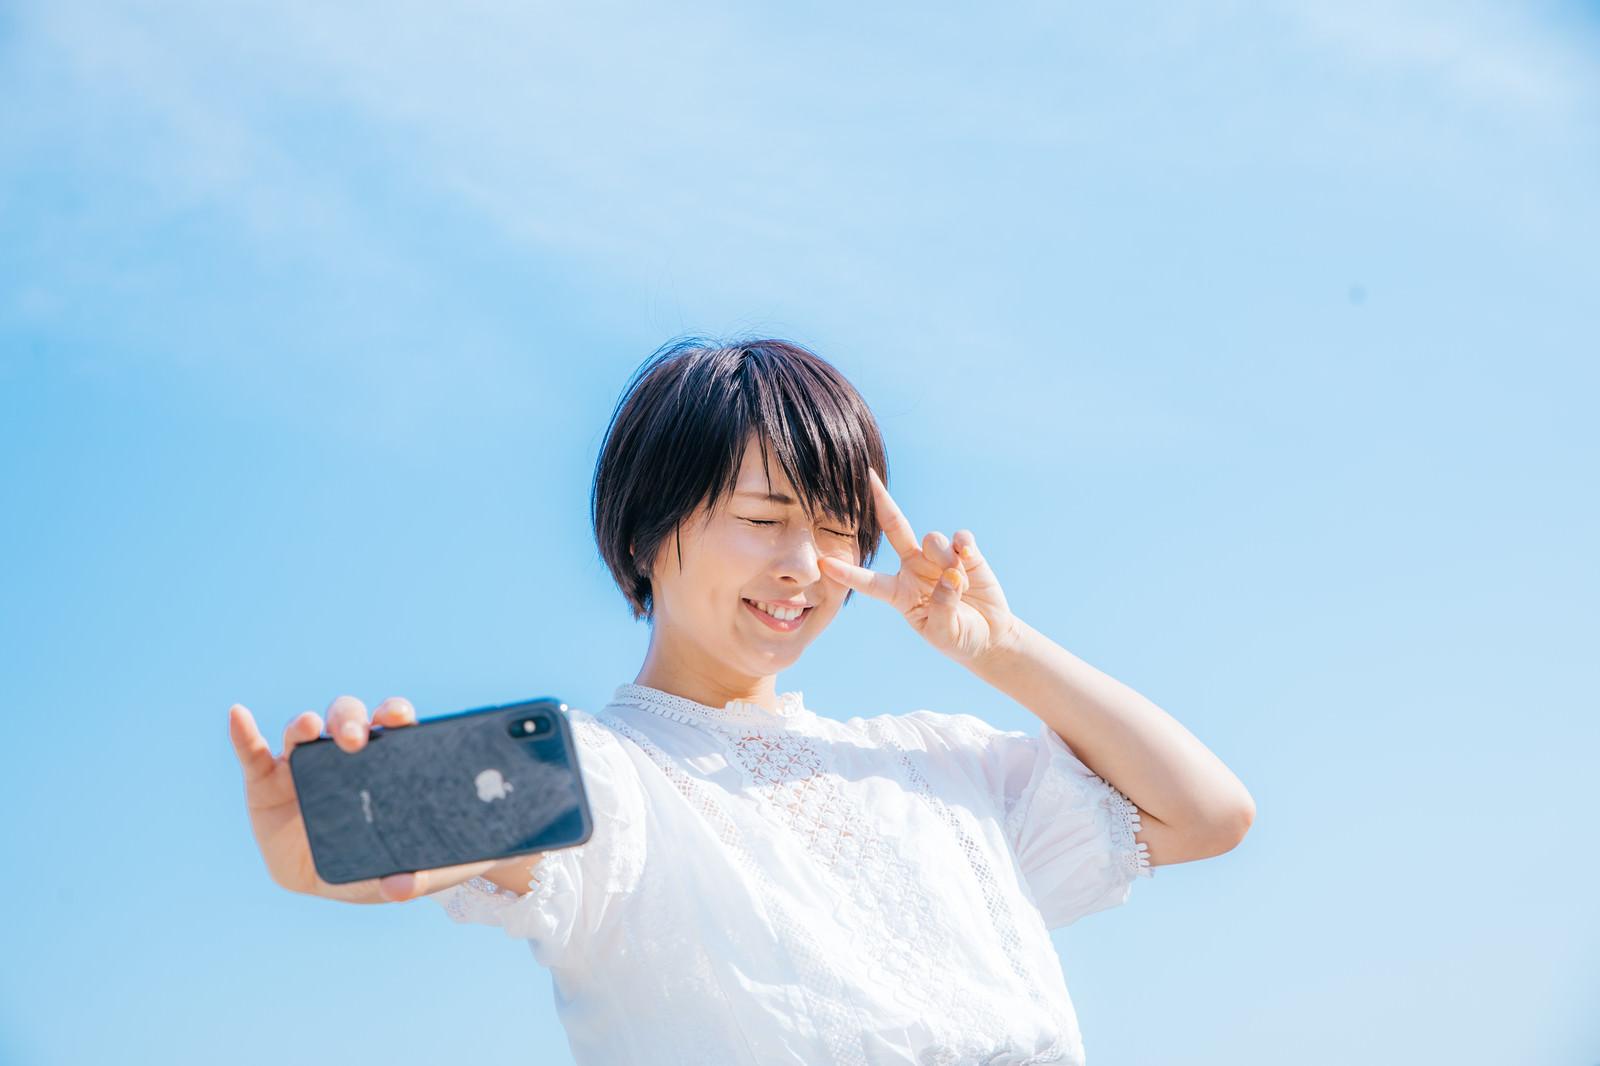 「夏日の自撮り女子」の写真[モデル:にゃるる]